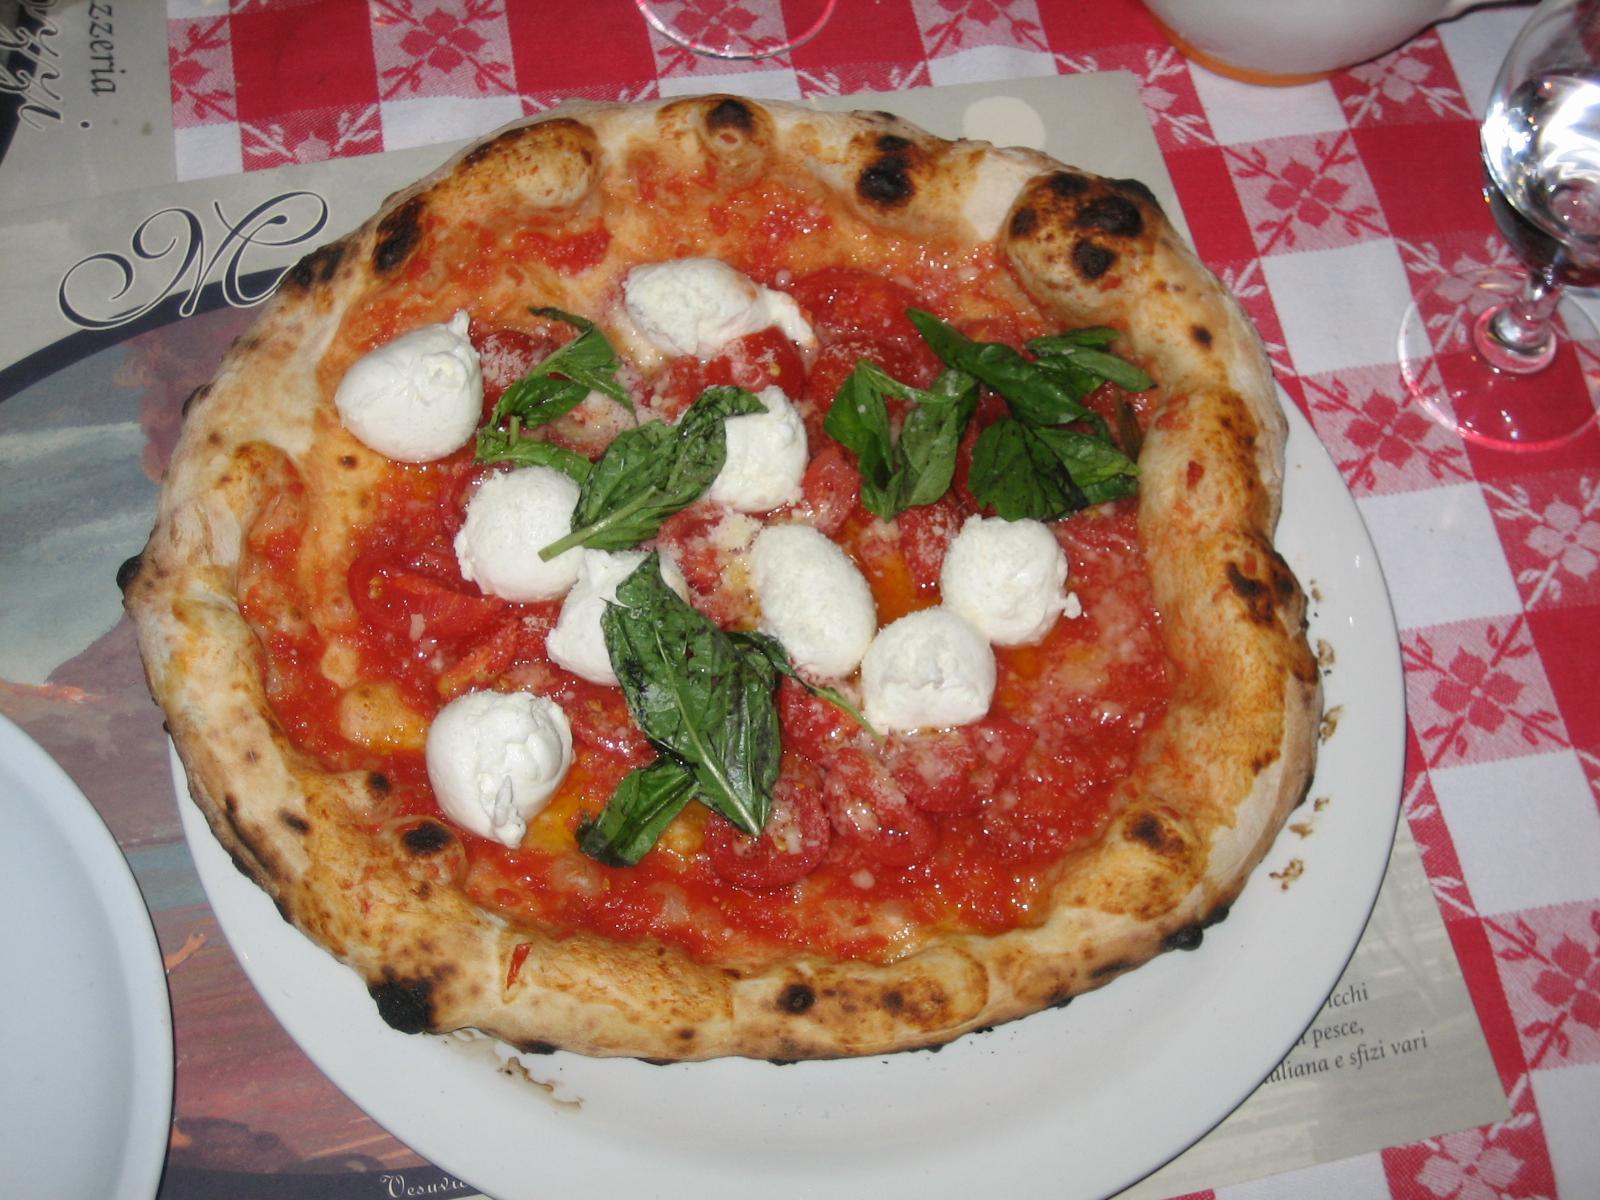 Napoli pizza pizza photo 29212582 fanpop for Pizza pizzeria